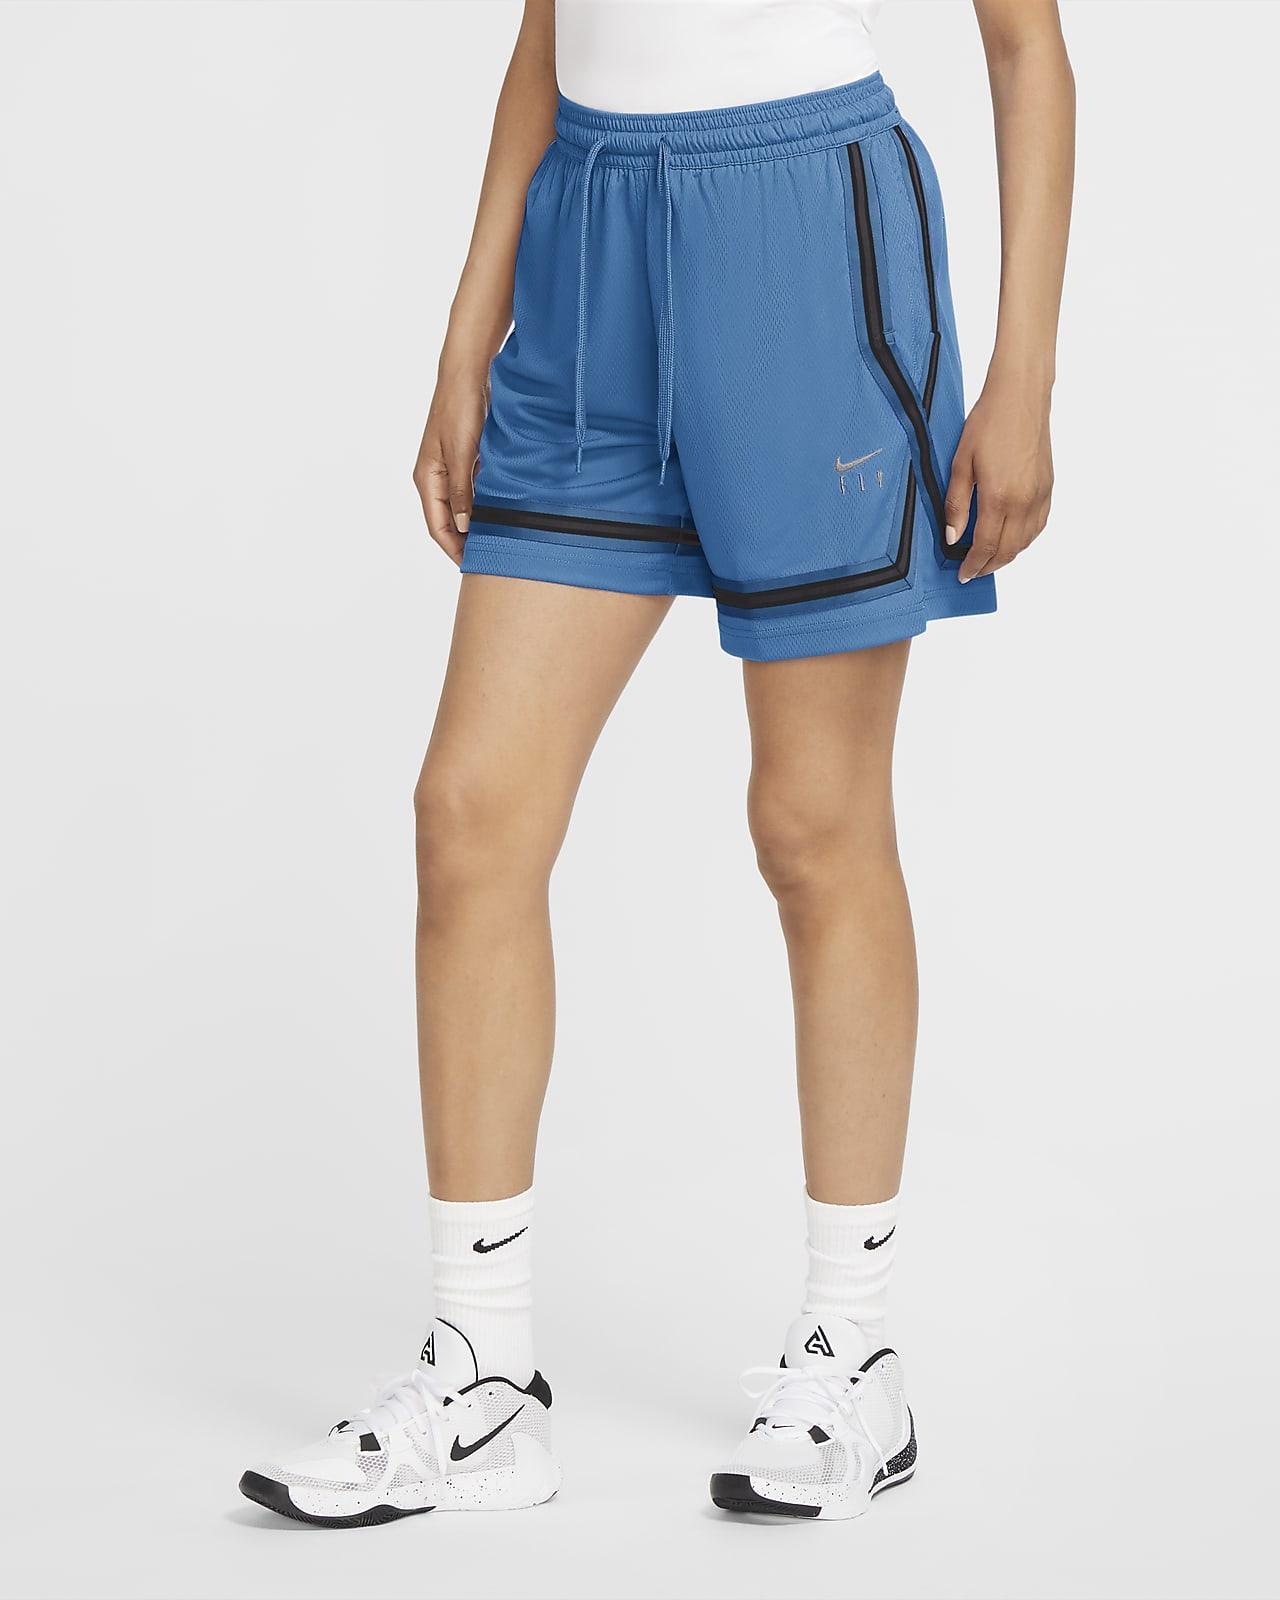 Γυναικείο σορτς μπάσκετ Nike Dri-FIT Swoosh Fly